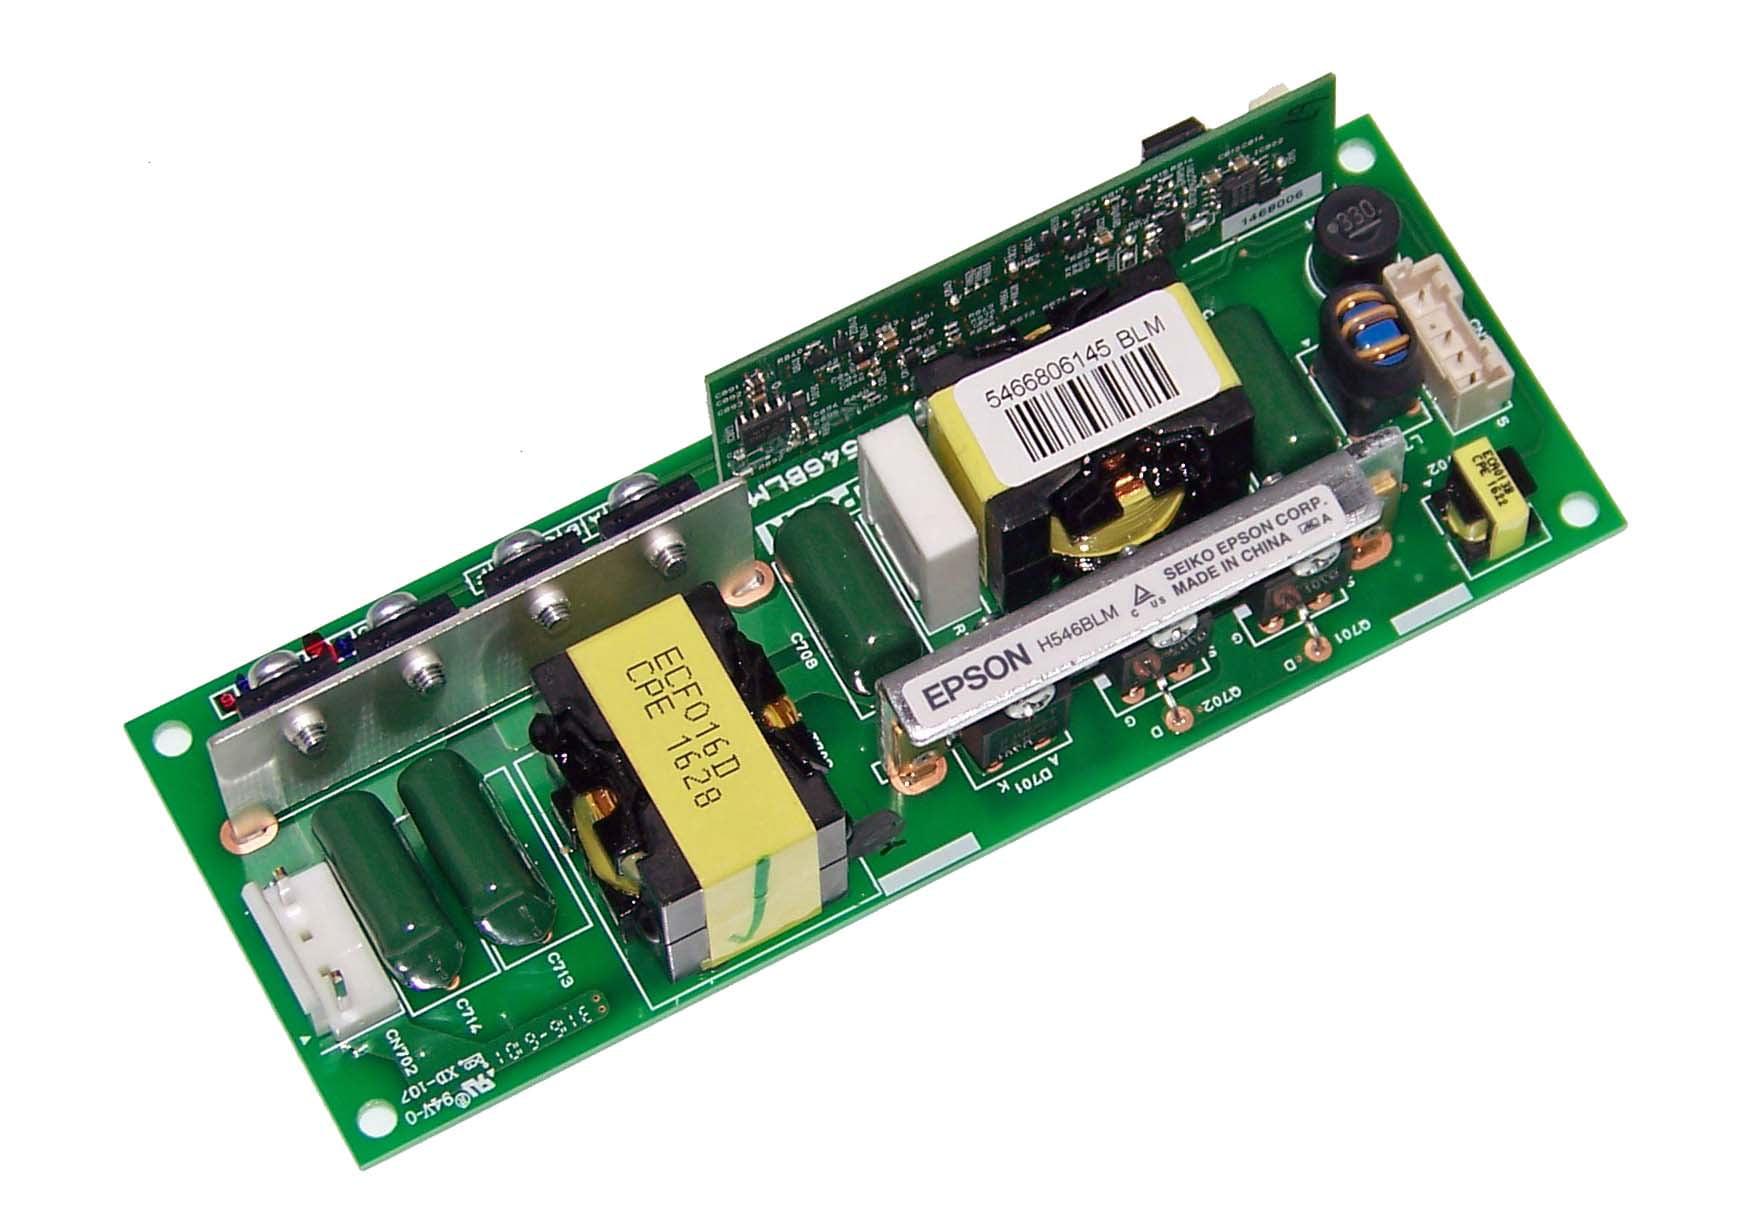 Epson, Blanco, EB-1420Wi, EB-1430Wi, EB-1970W, EB-1975W, EB-1980WU, EB-1985WU, EB-420, EB-425W, EB-430, EB-435W, Al/ámbrico Accesorio para proyector Epson ELPCB02